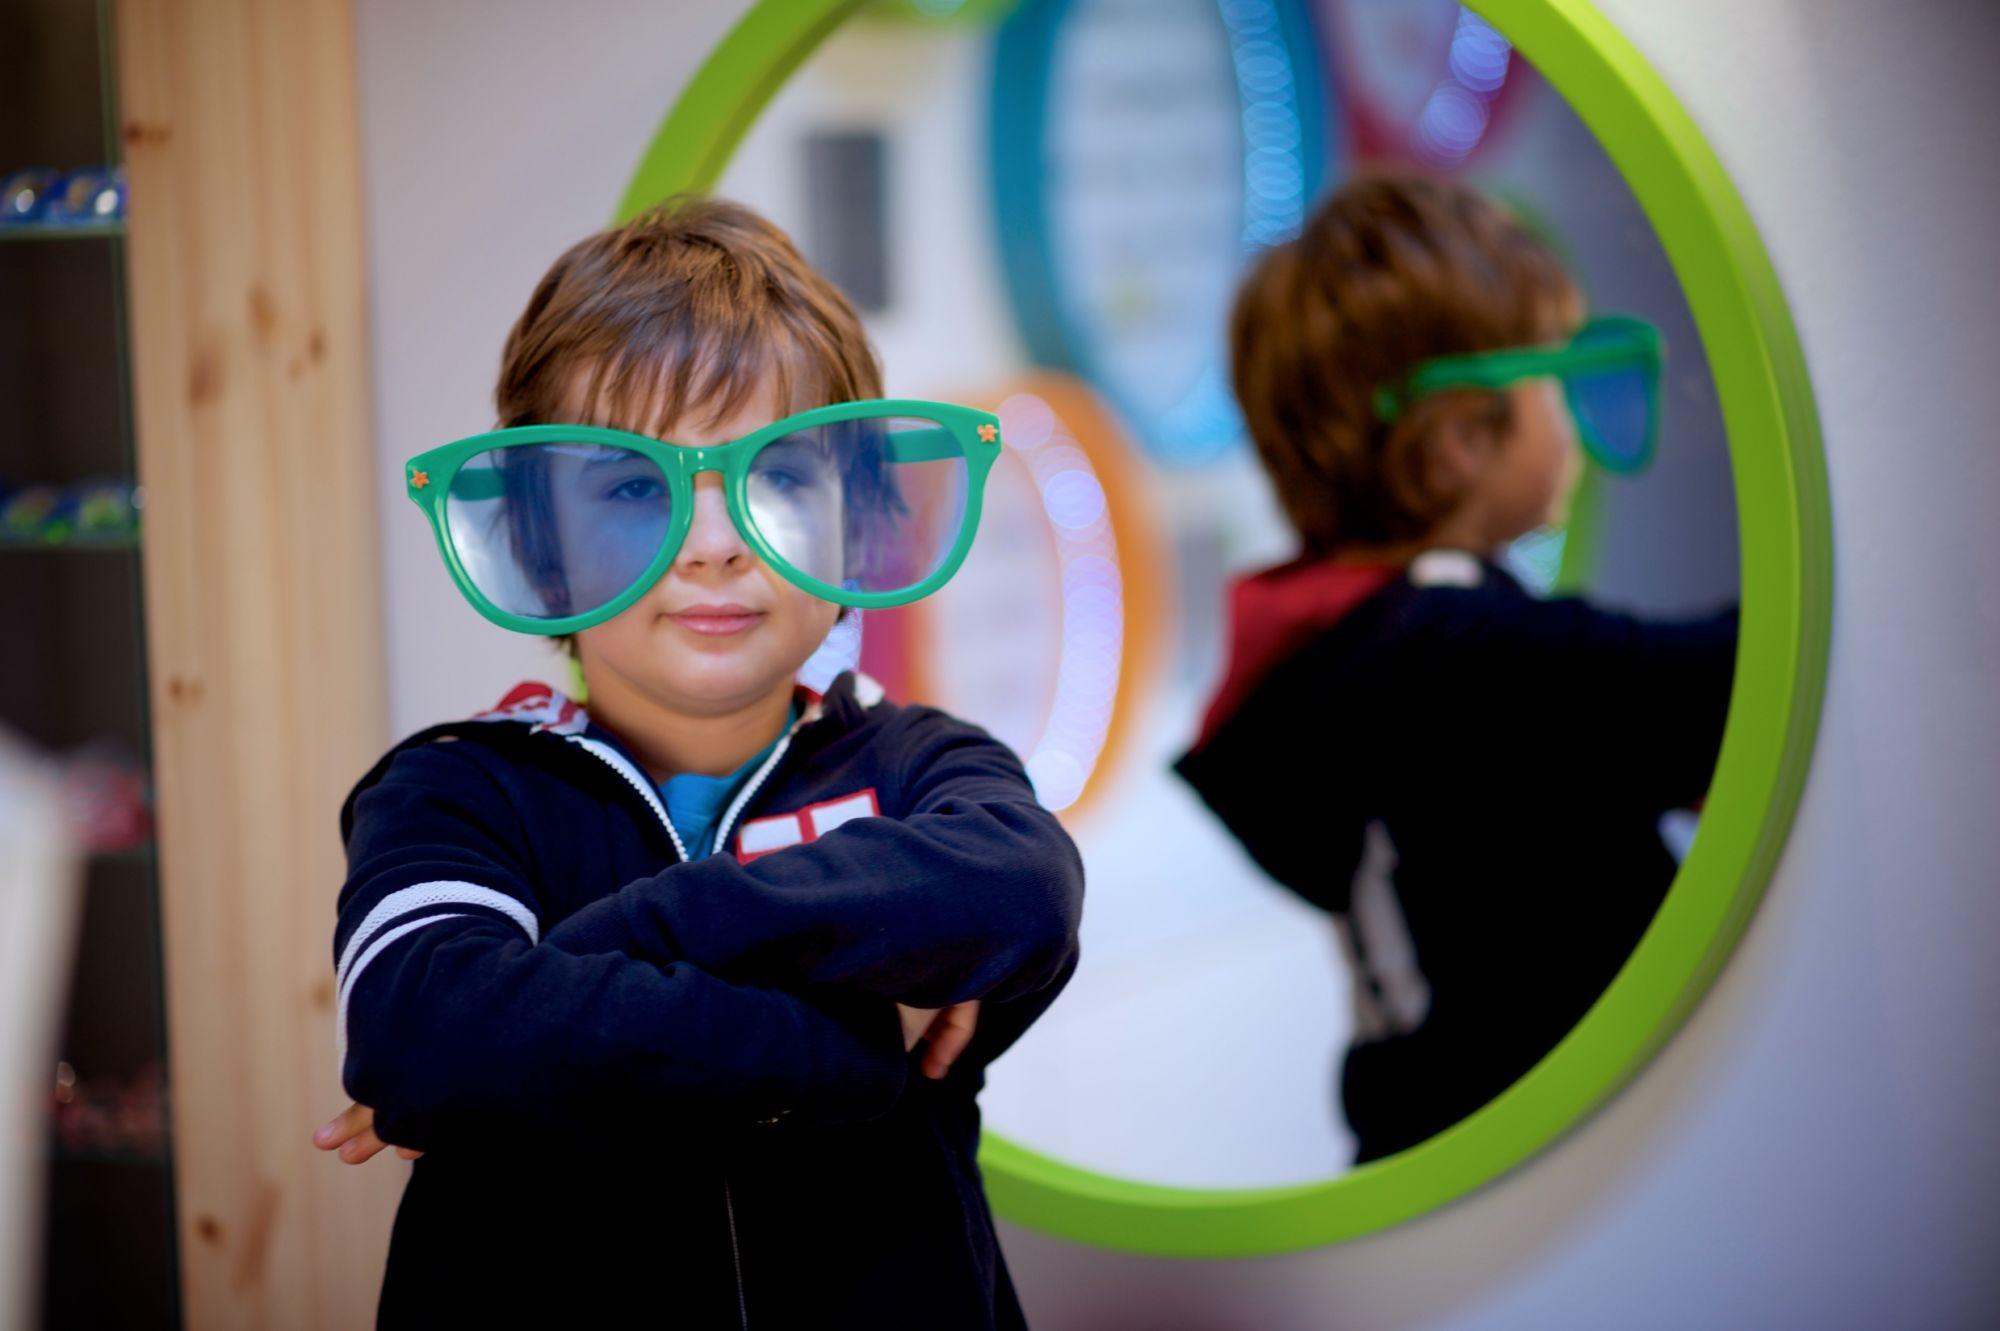 Dětská optika chlapec s velkými zelenými brýlemi